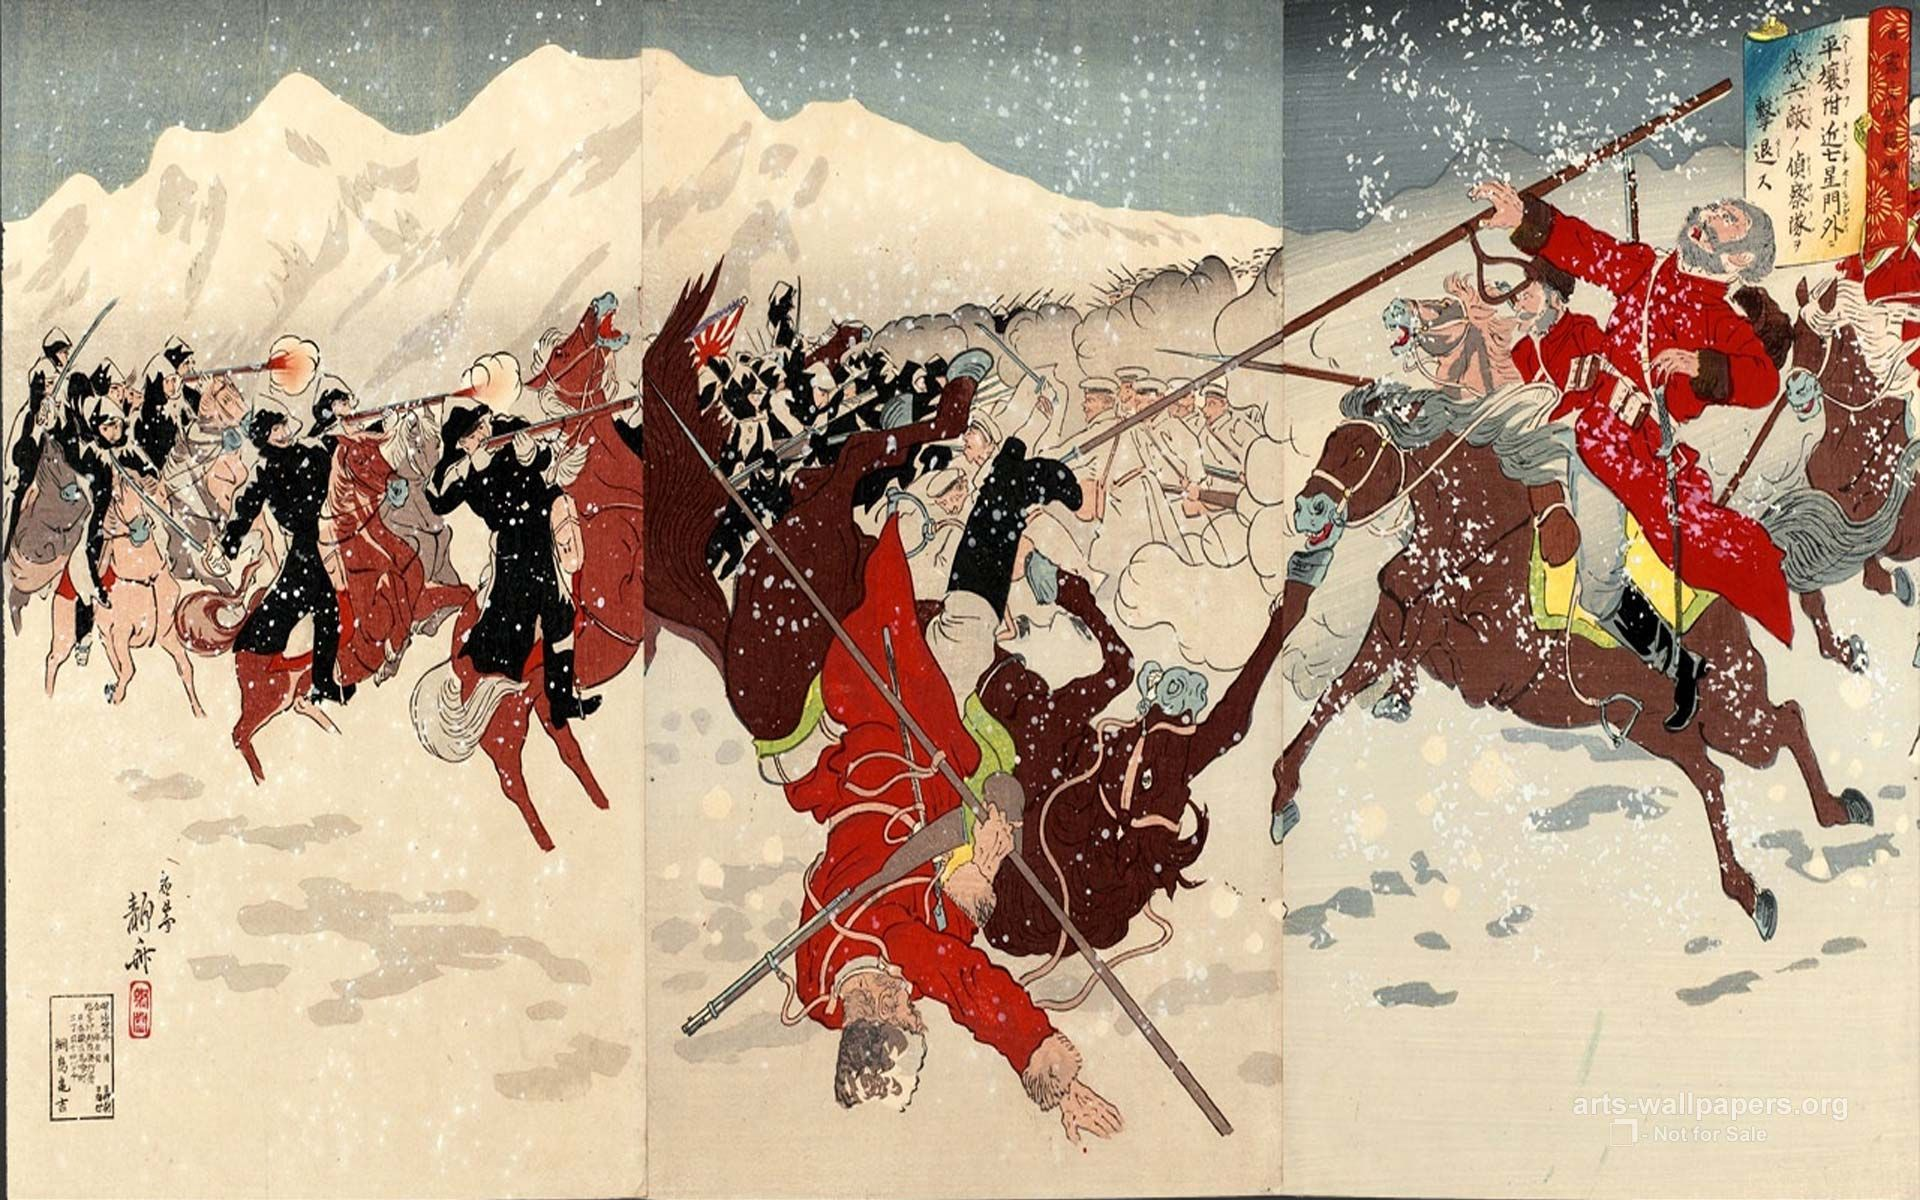 Japanese Art Of War Wallpapers Top Free Japanese Art Of War Backgrounds Wallpaperaccess